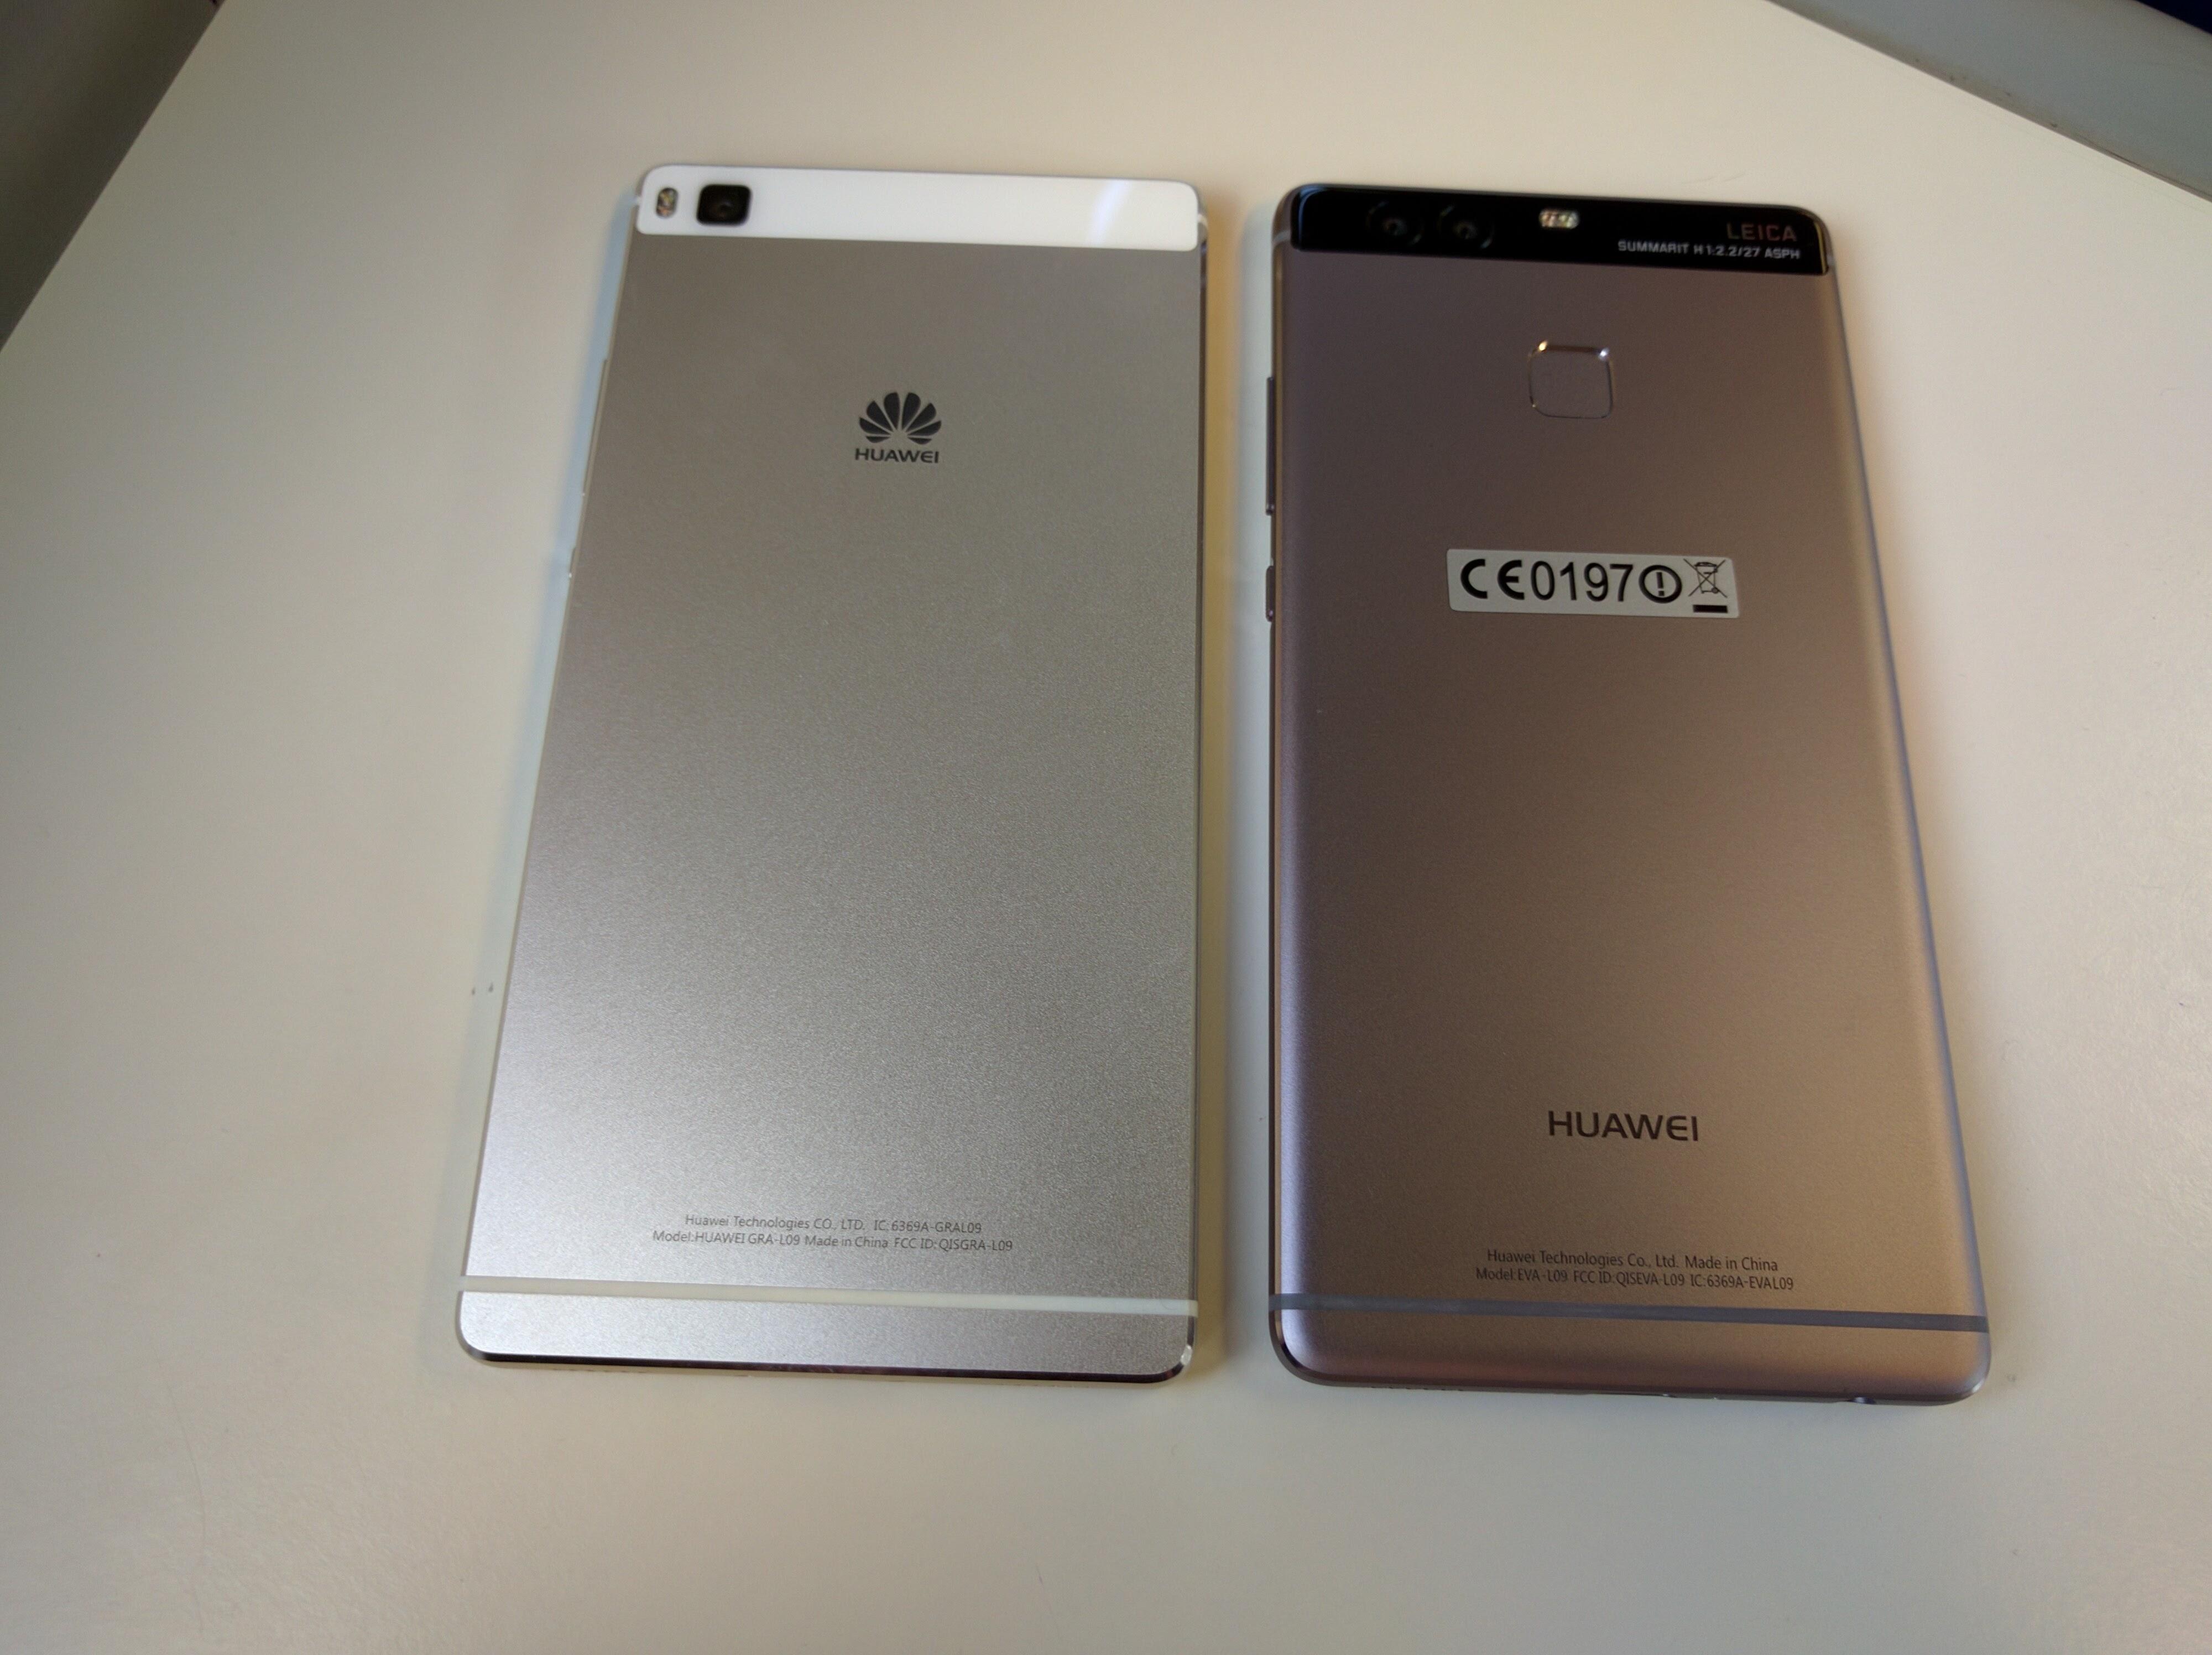 huawei p9 grey. huawei p9 vs p8 grey